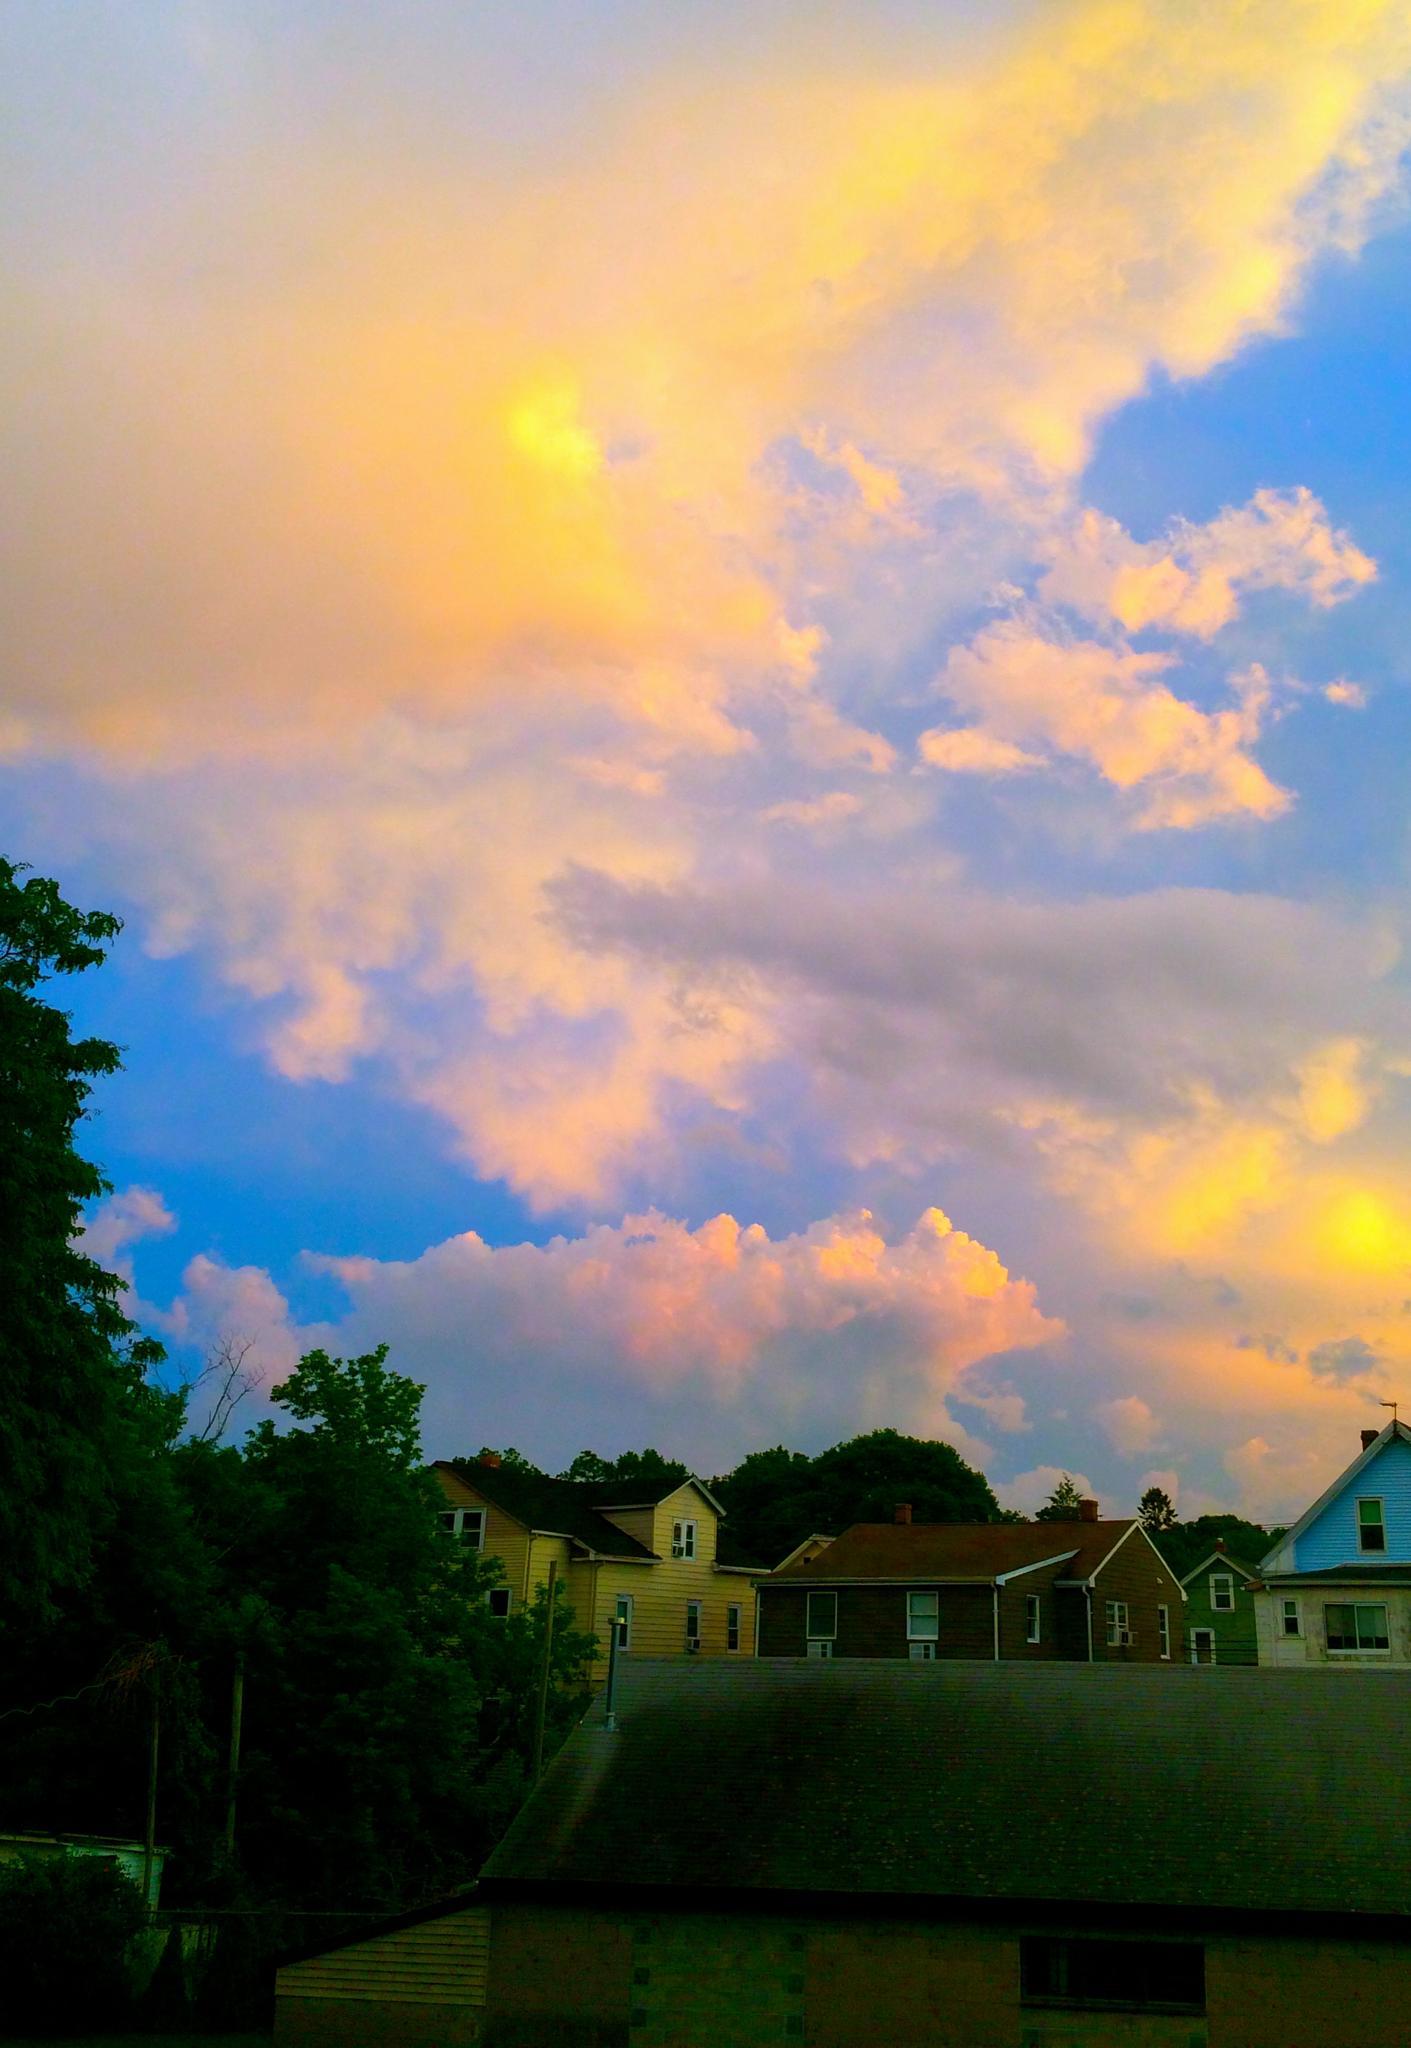 My Neighborhood by cathy.pepe.9